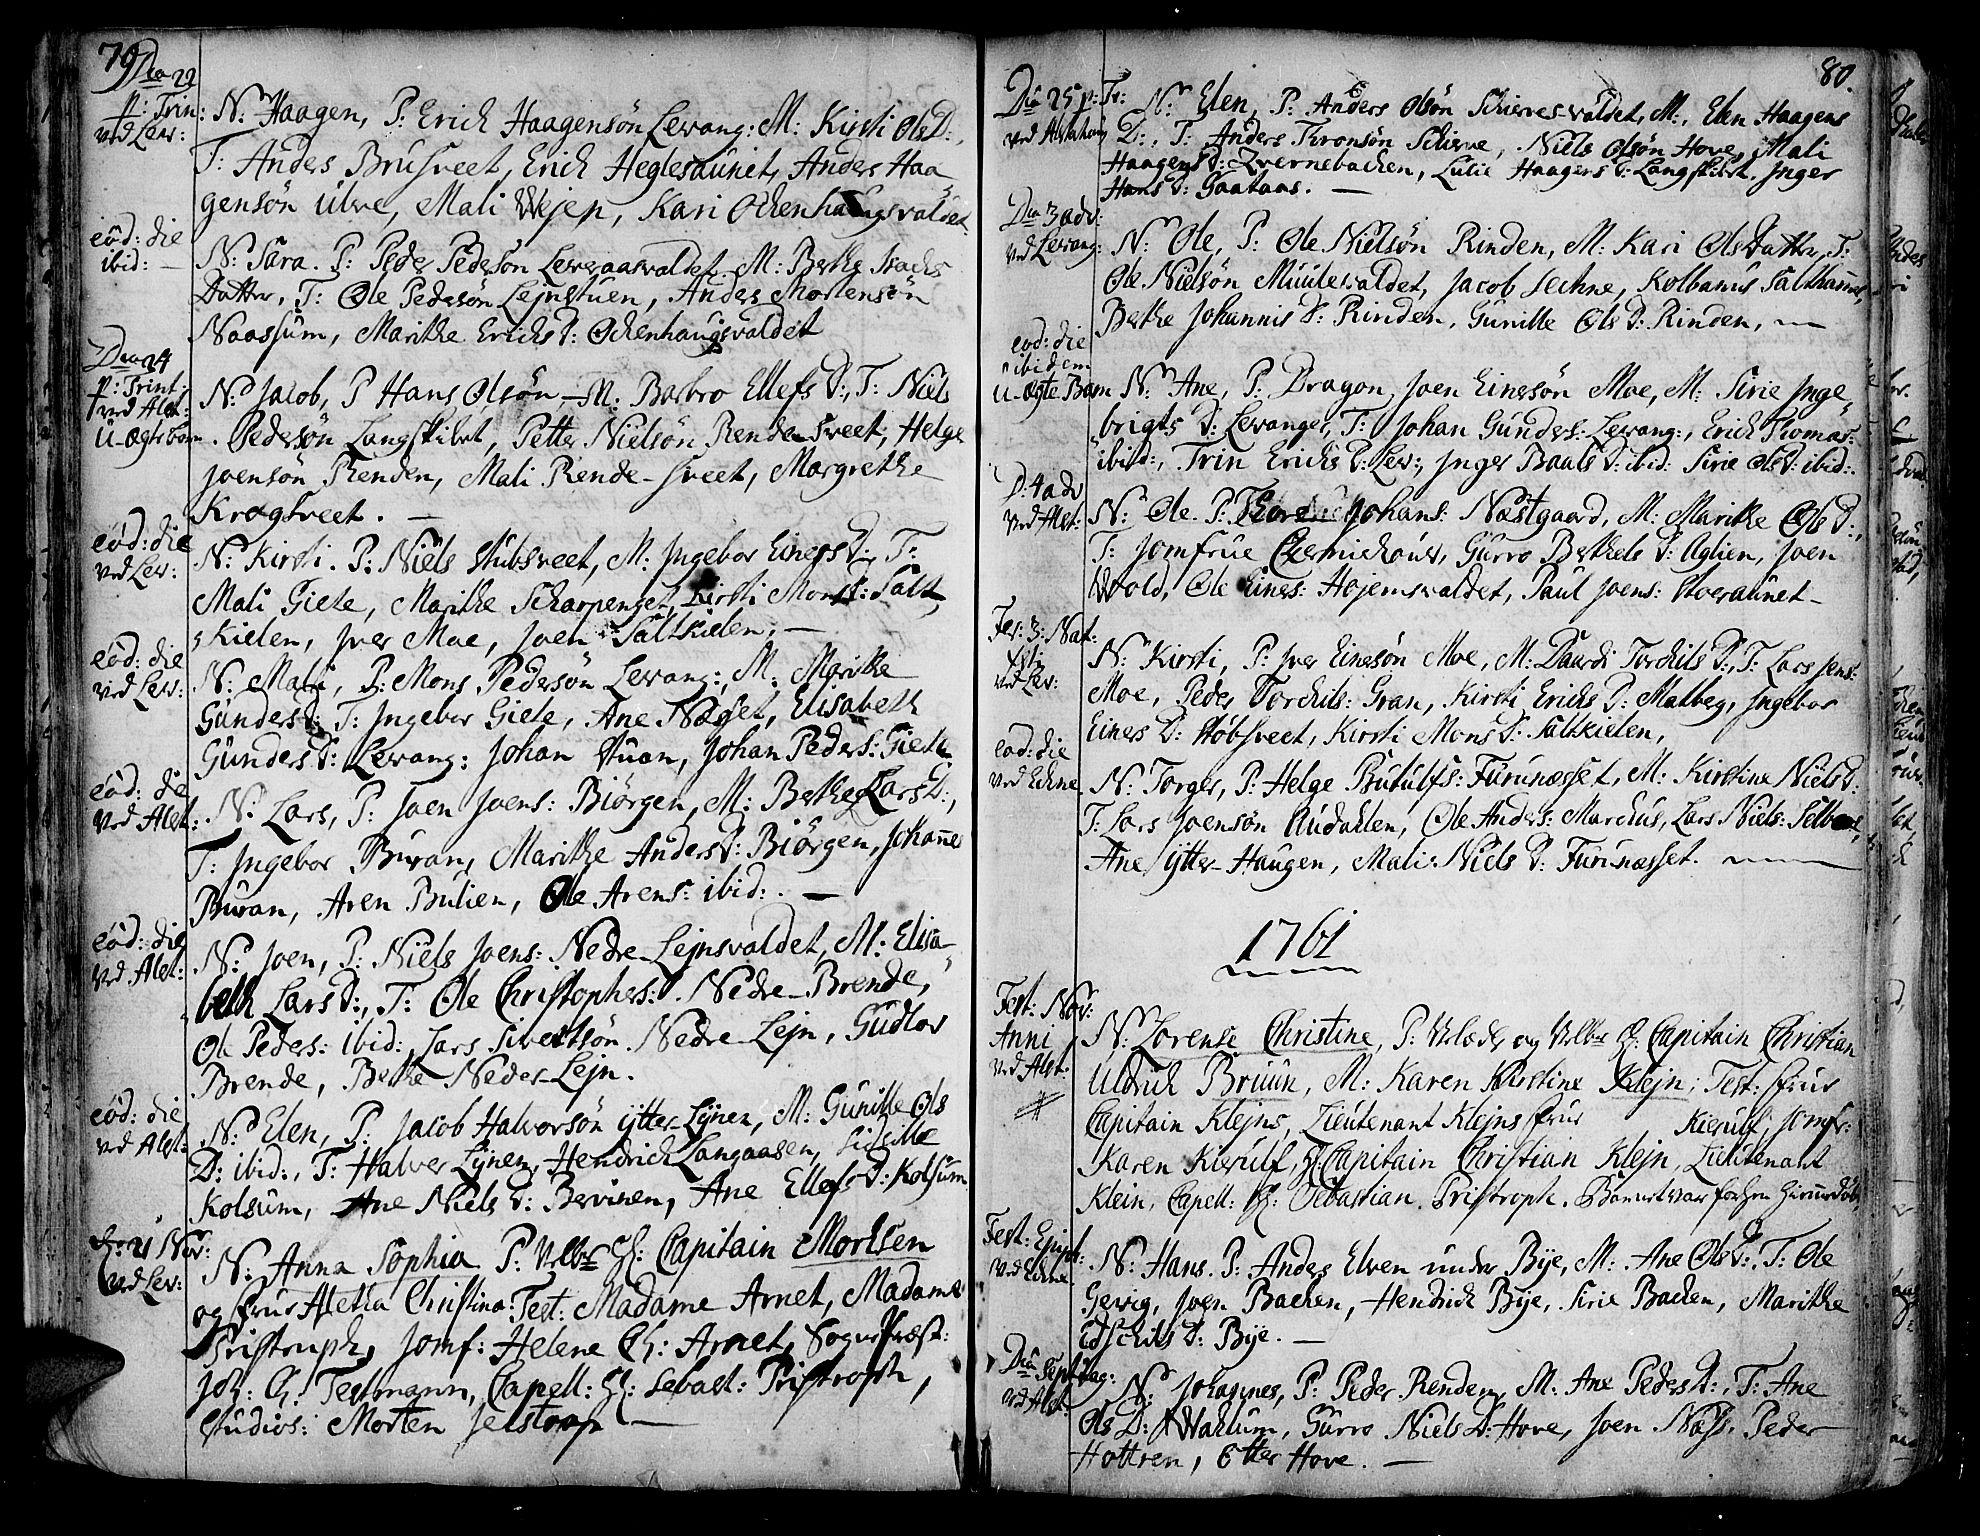 SAT, Ministerialprotokoller, klokkerbøker og fødselsregistre - Nord-Trøndelag, 717/L0141: Ministerialbok nr. 717A01, 1747-1803, s. 79-80